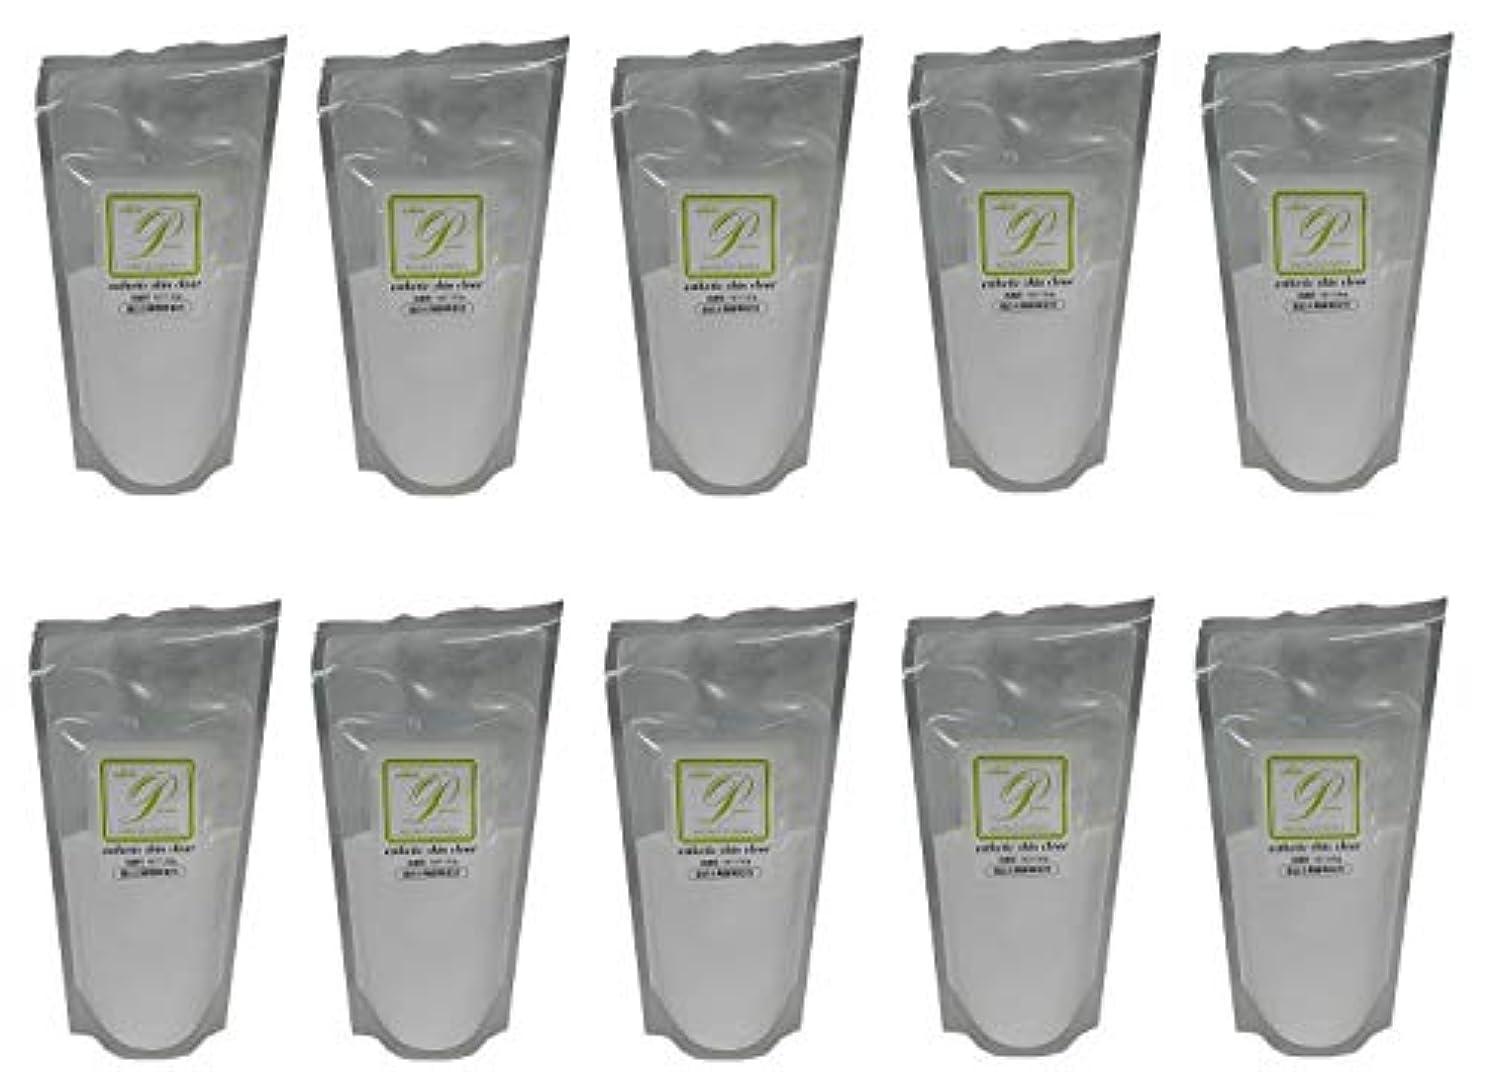 申請中戻るバランス【10個セット】メロス プラスマンスキンケア 酵素 スキンクリア N 120g レフィル